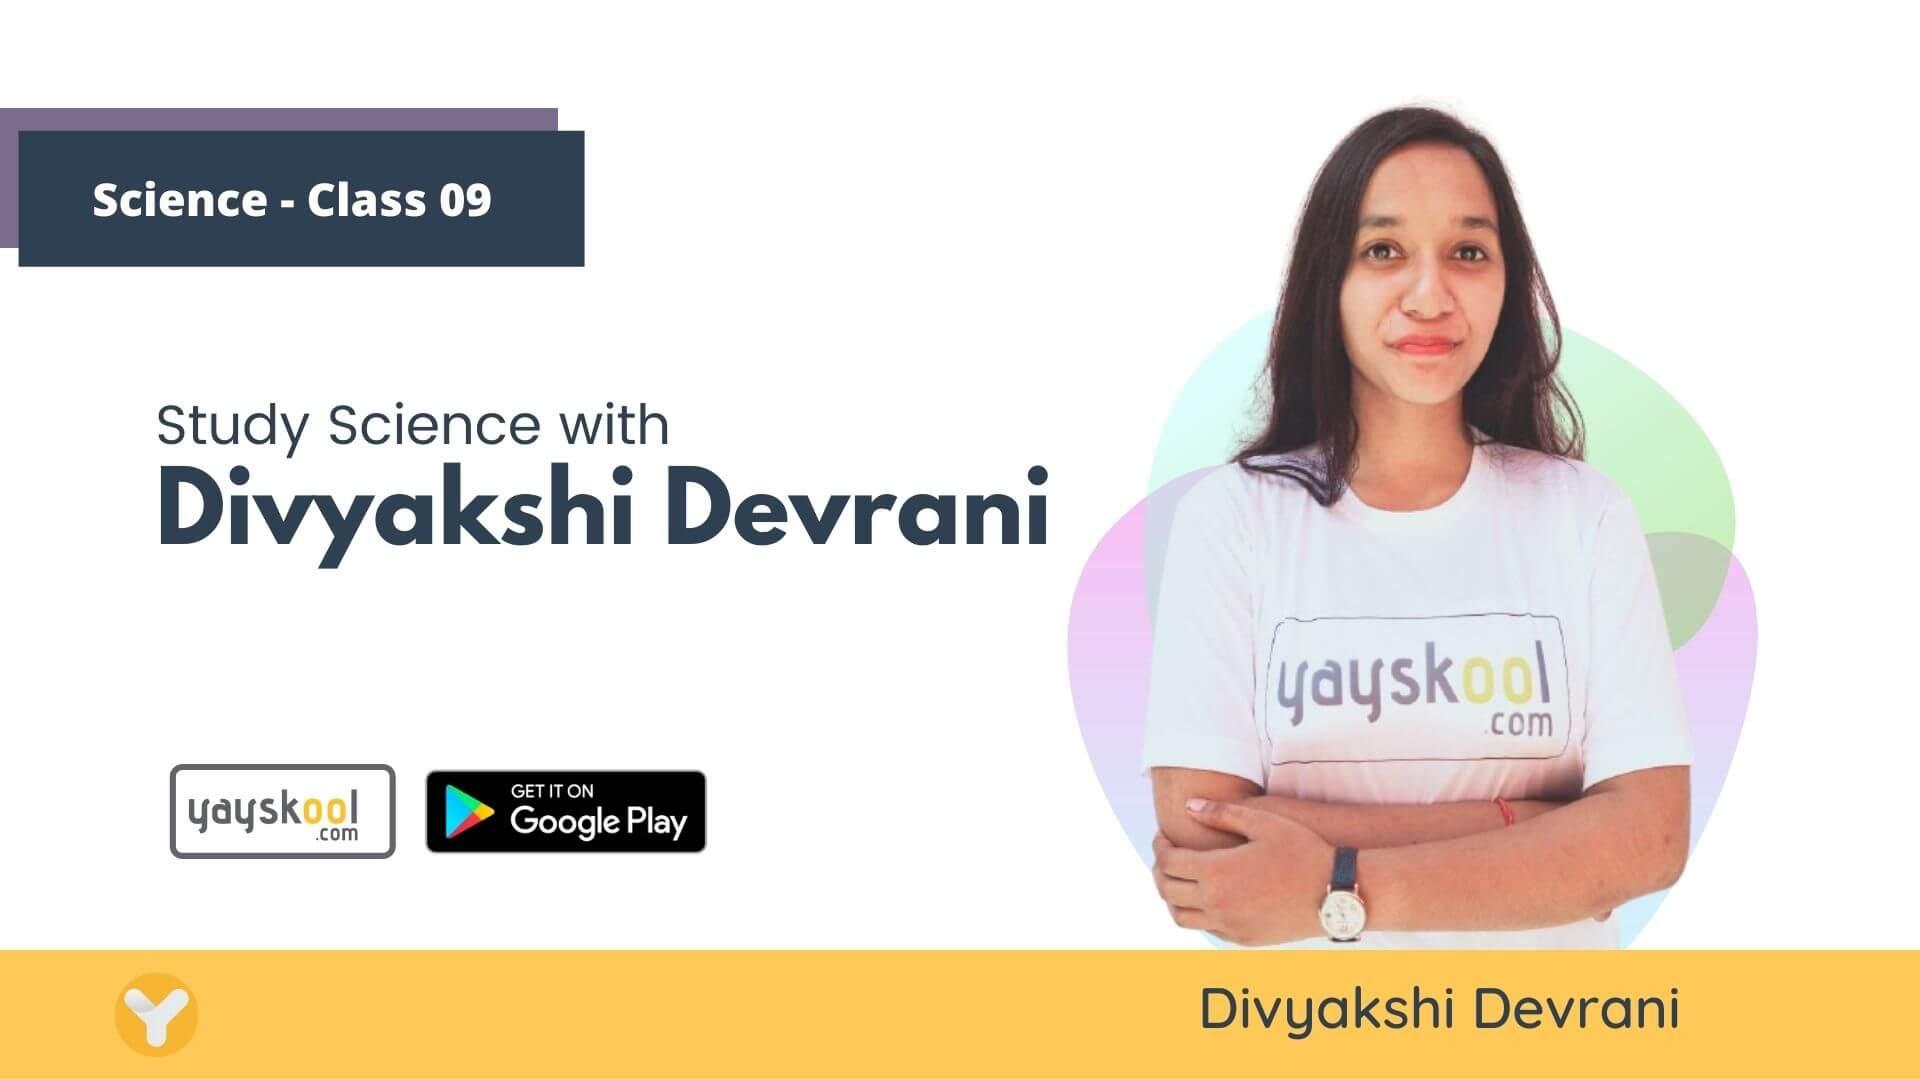 science-course-class09-divyakshi-devrani